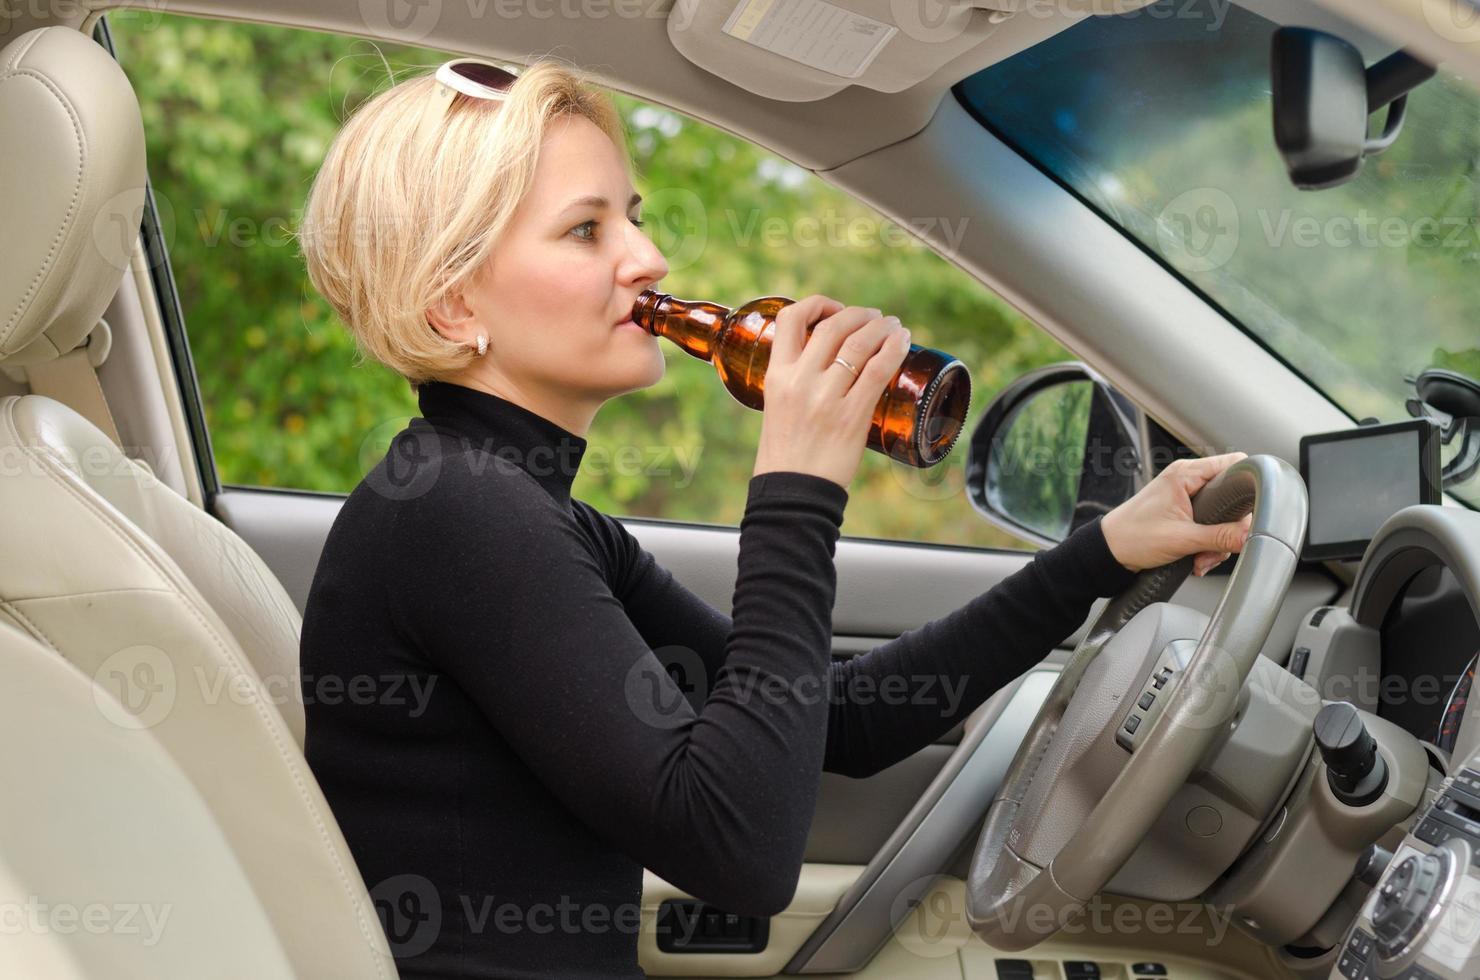 joven conductora bebiendo y conduciendo foto